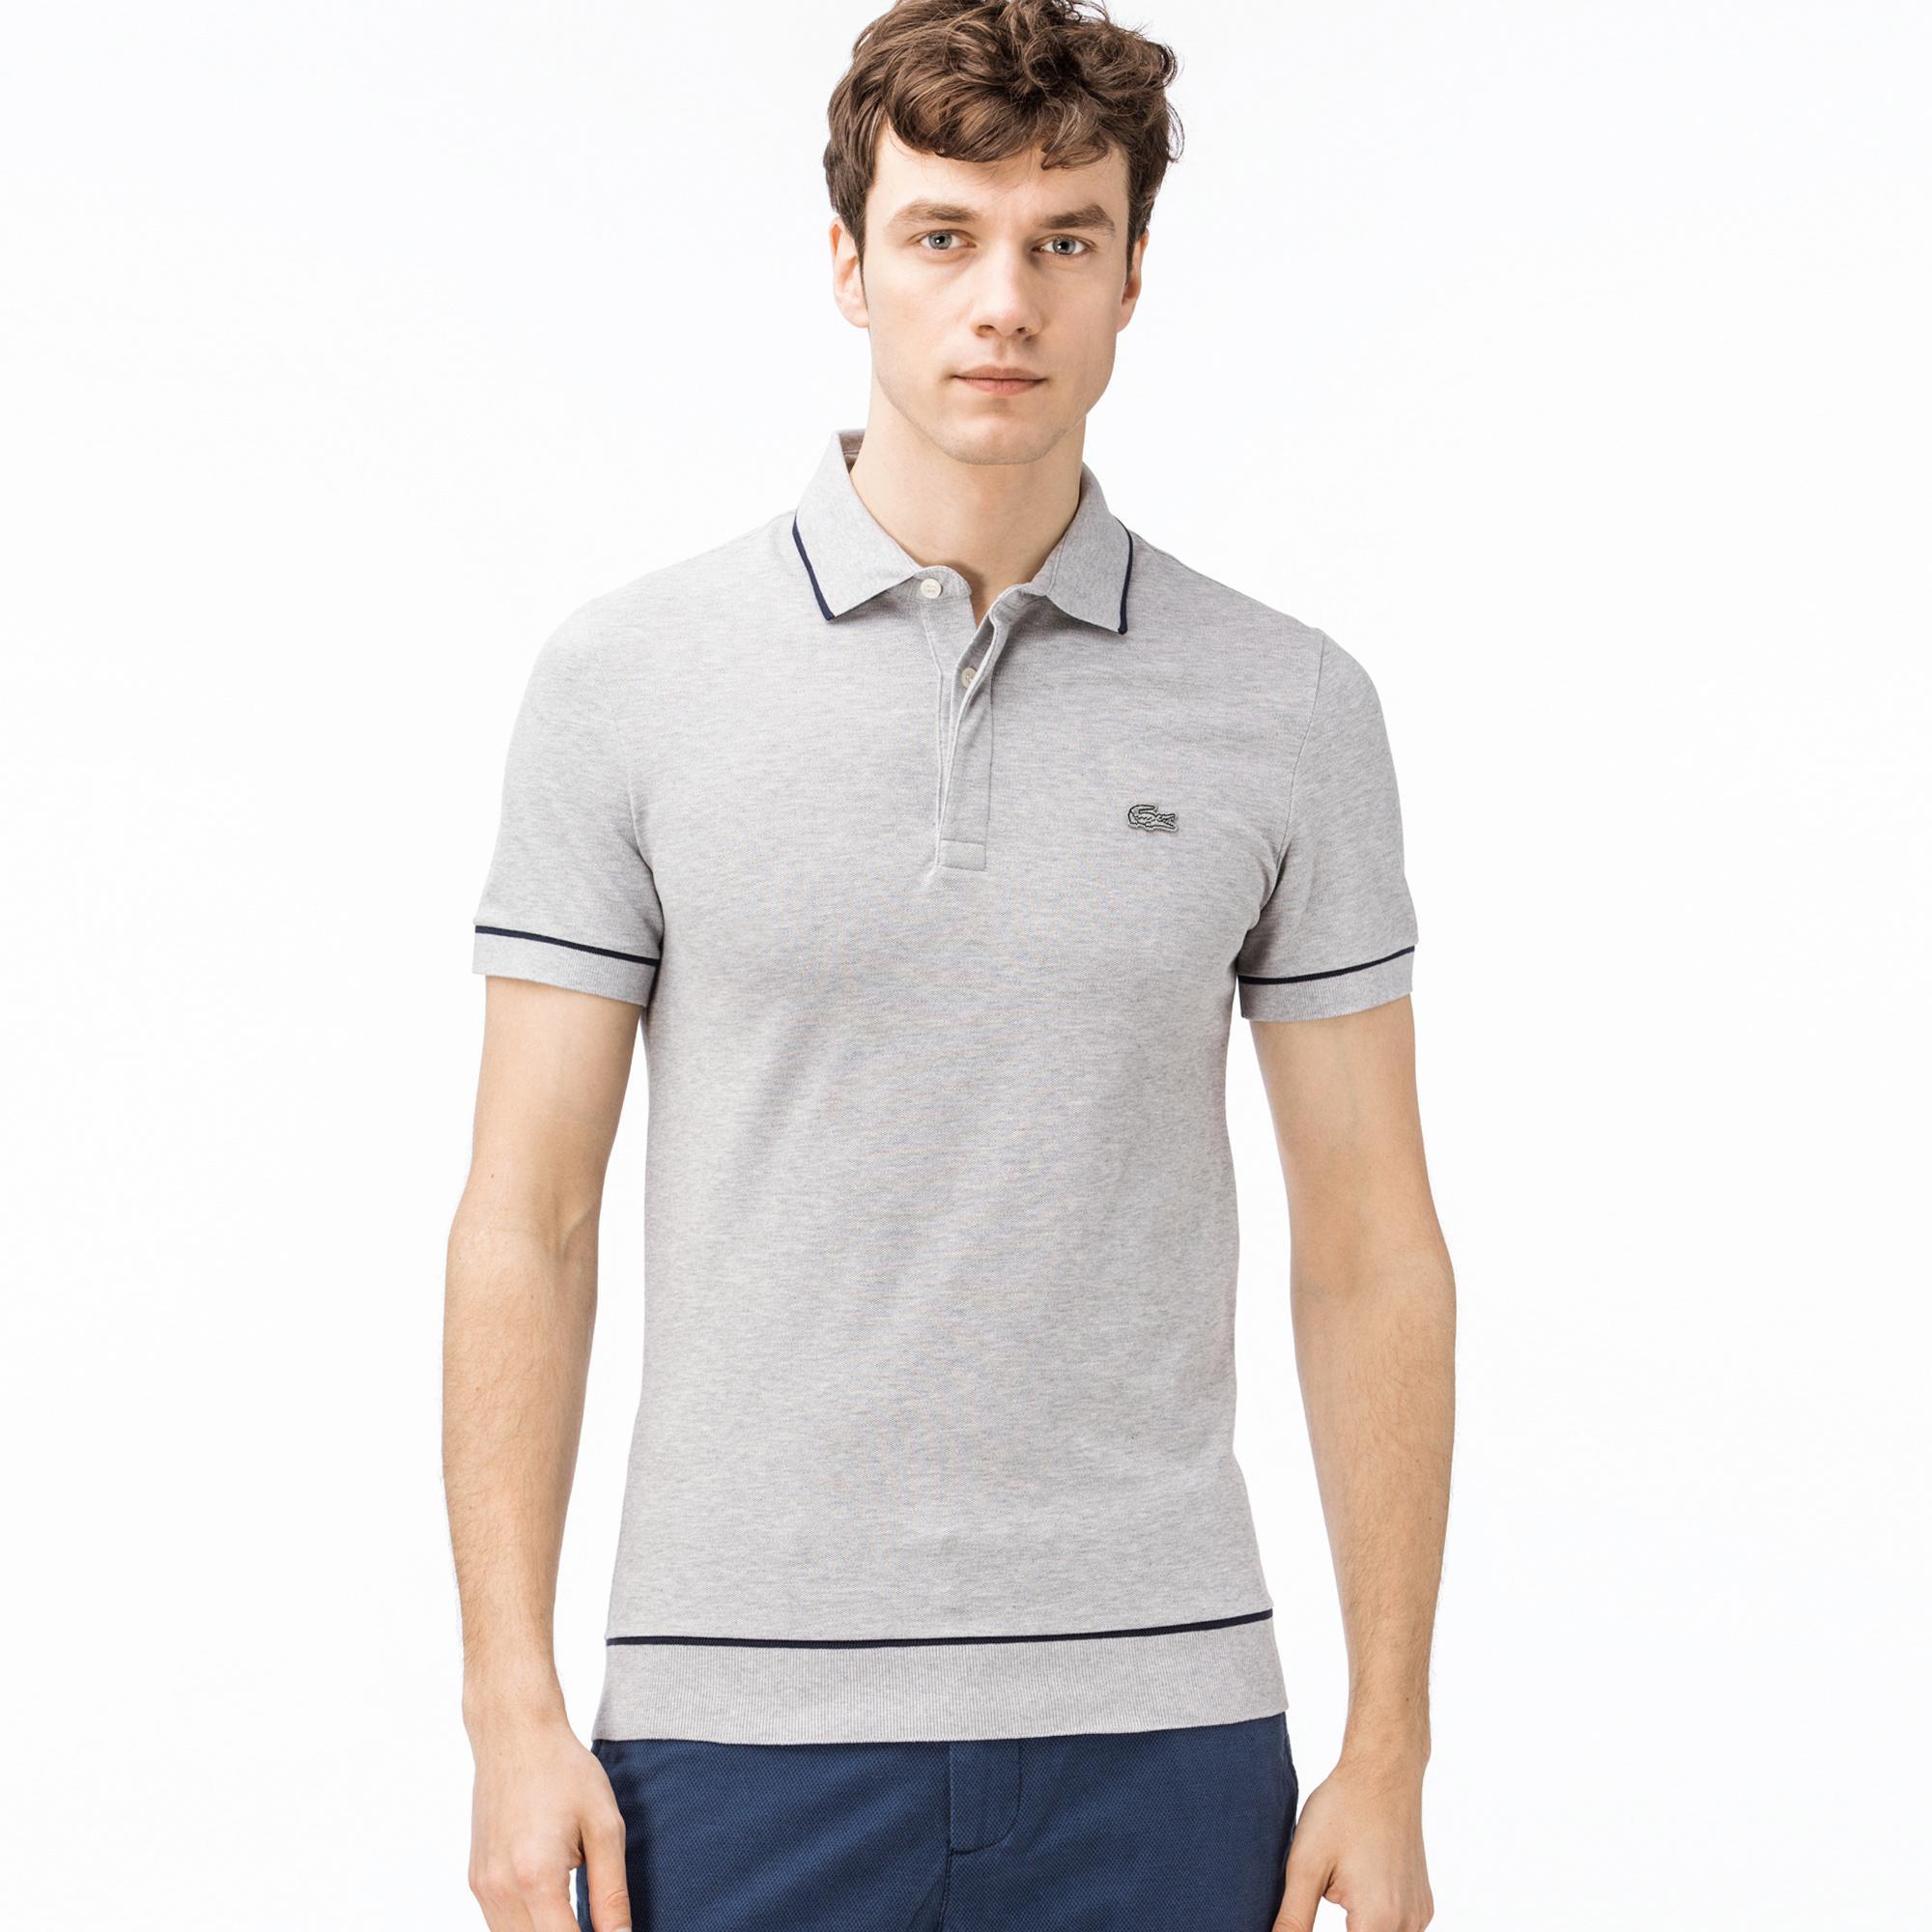 809c60ce7 Lacoste Men's Short Sleeve Polo PH4275 MNC | lacoste.pl | Zakupy Online